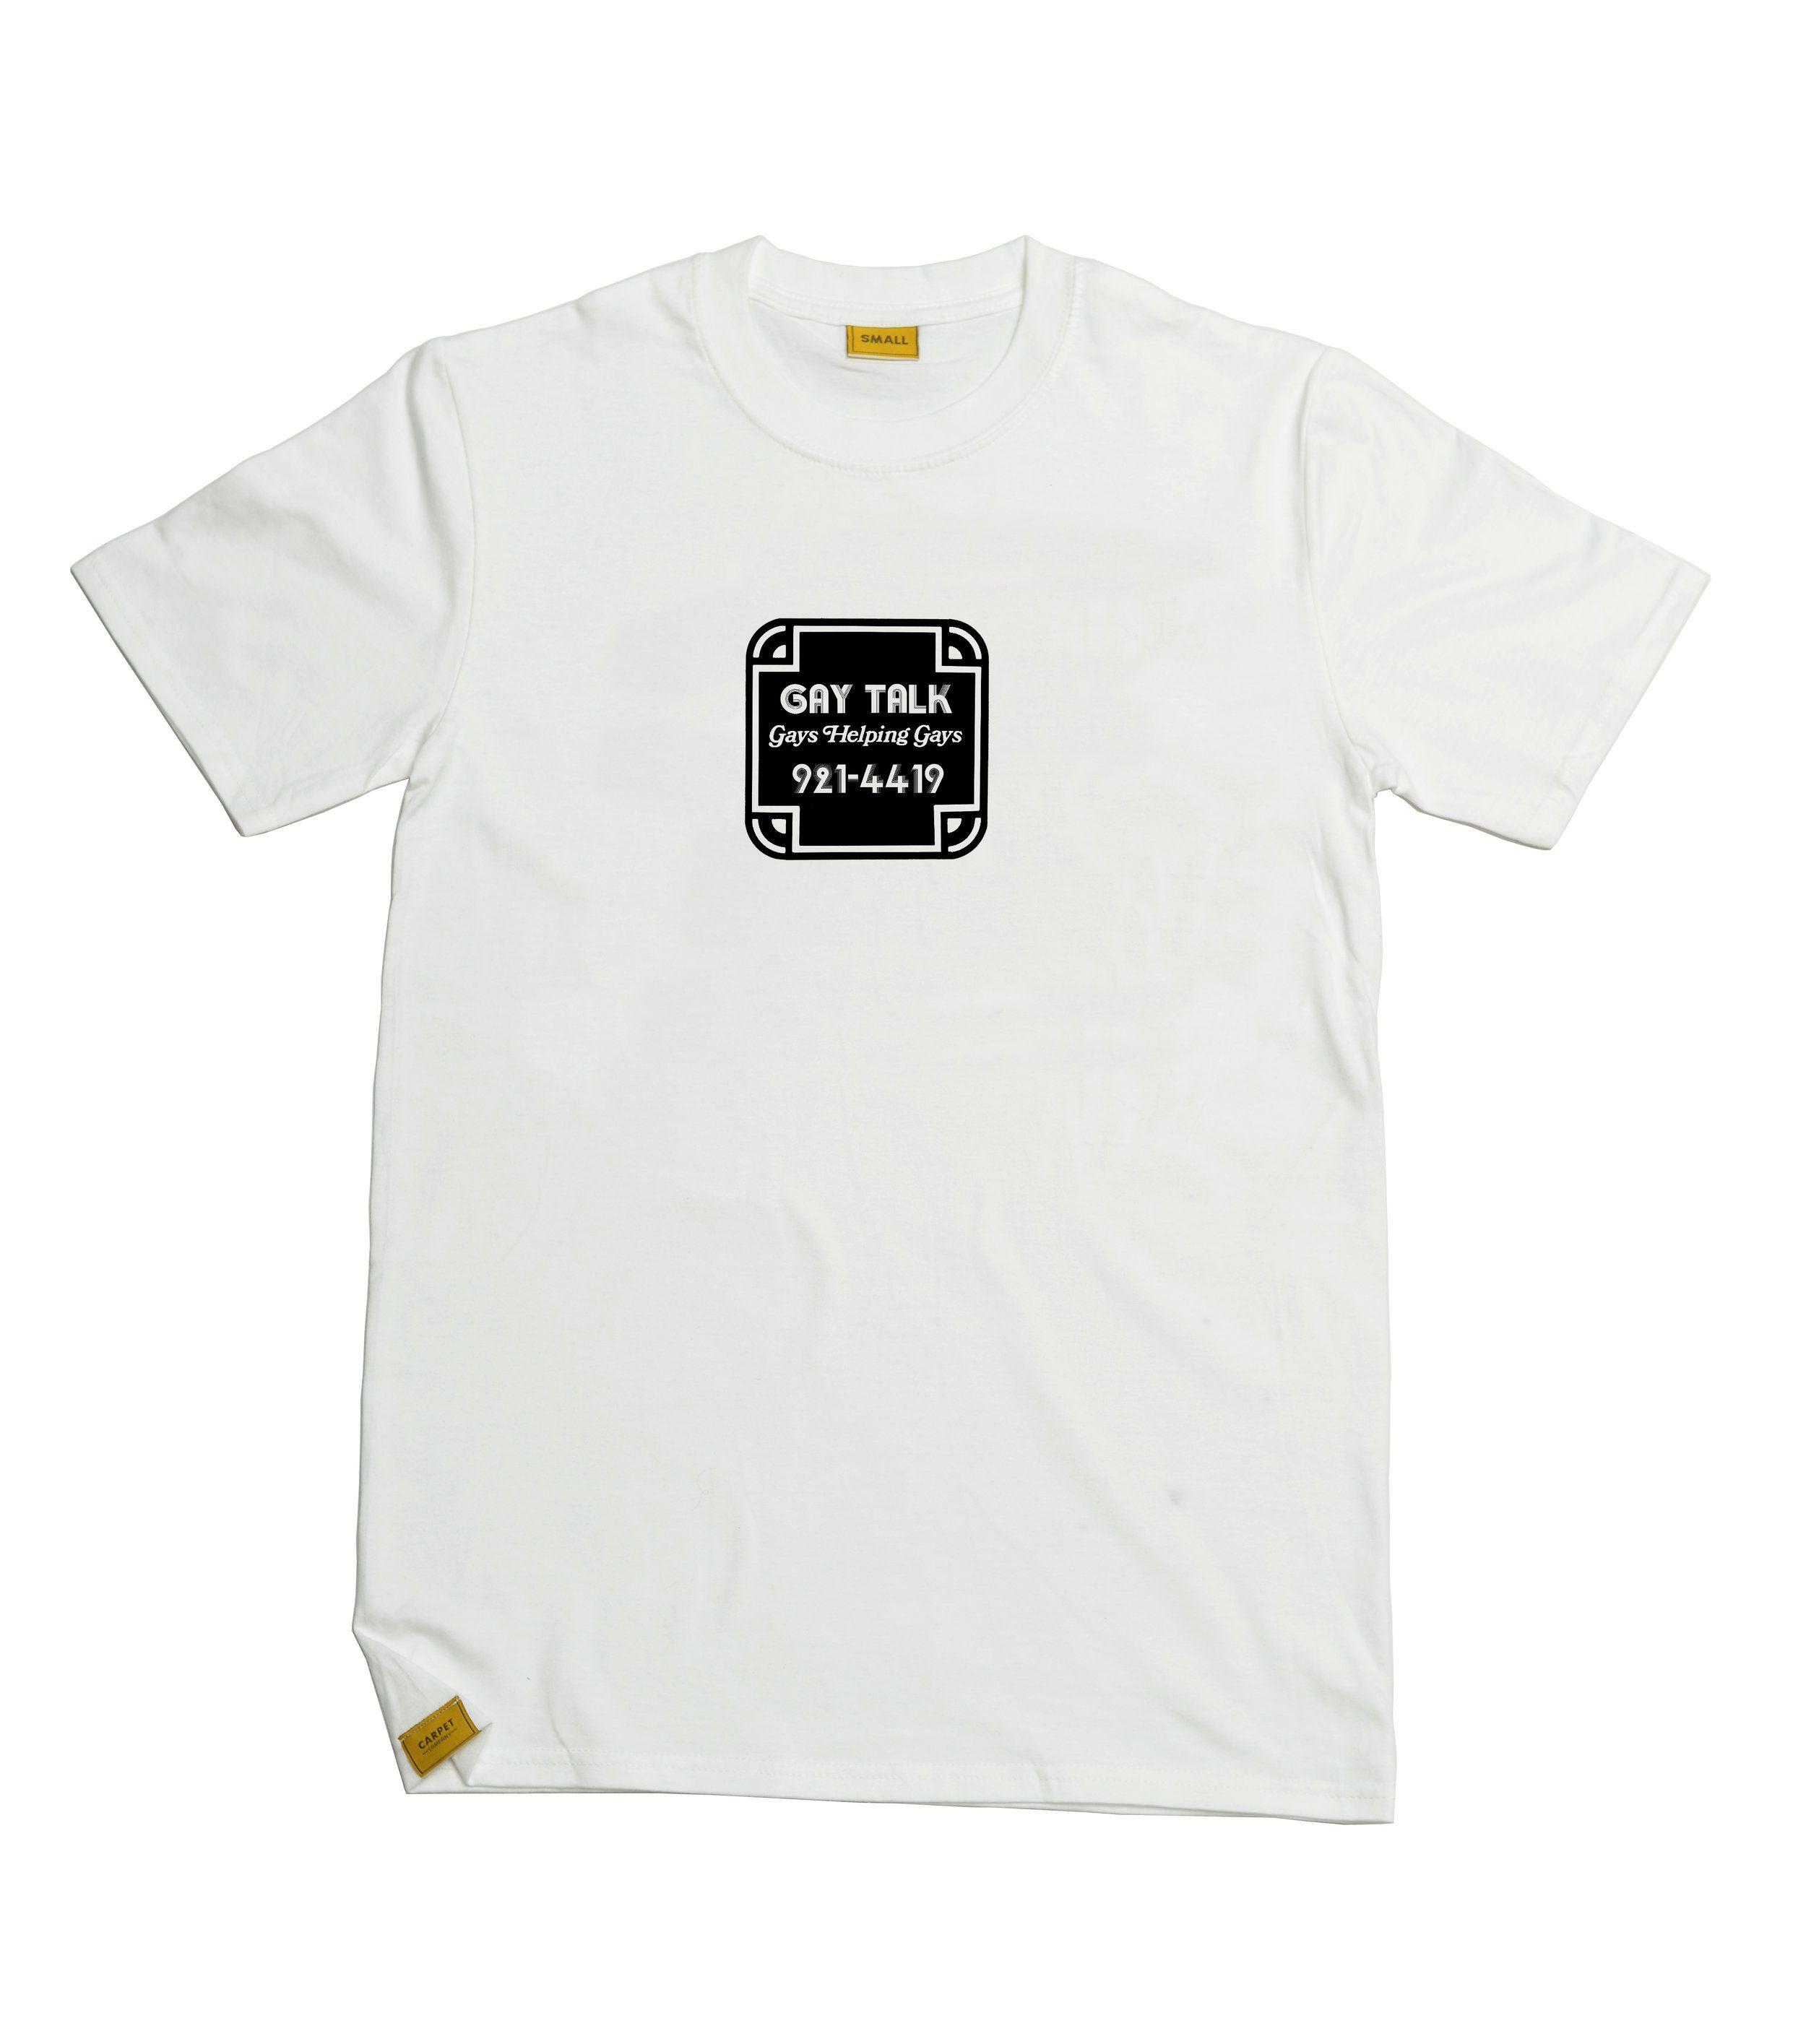 GayTalk_Front.JPG   Mens tops, Mens tshirts, Mens graphic tshirt